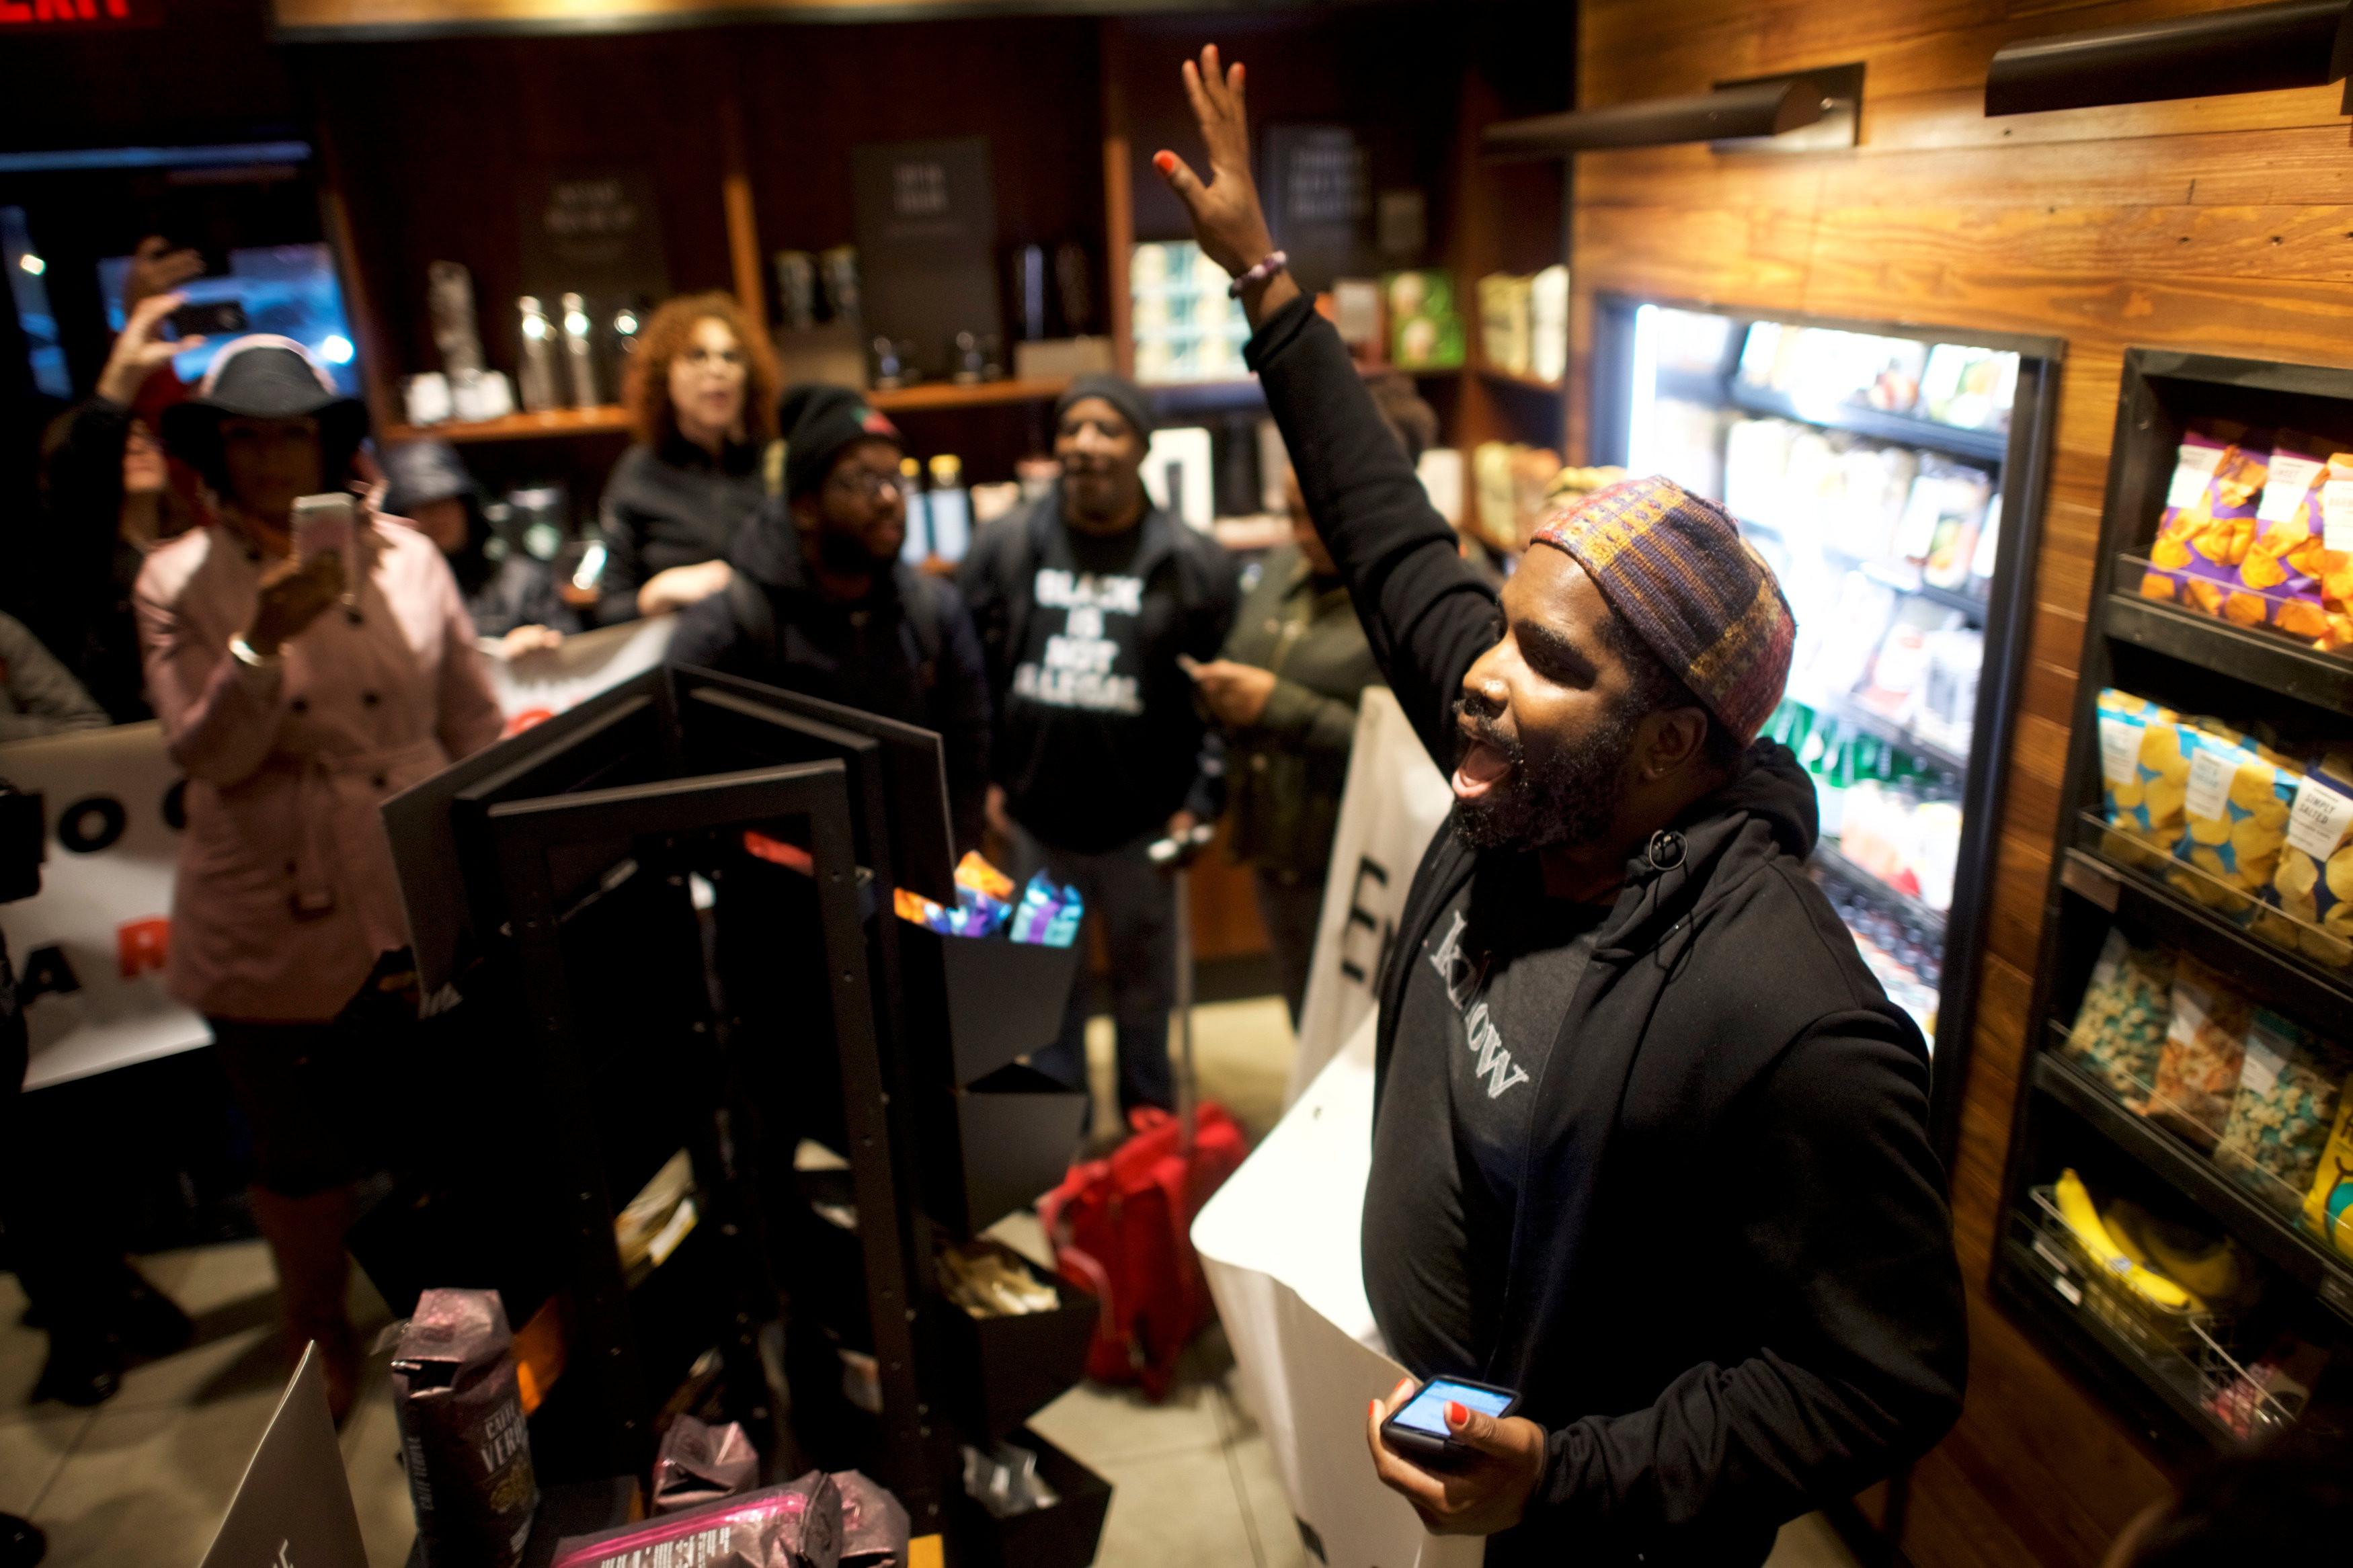 ▲美國費城兩名黑人男子不明被逮捕,民眾聚集在星巴克抗議。(圖/路透社)